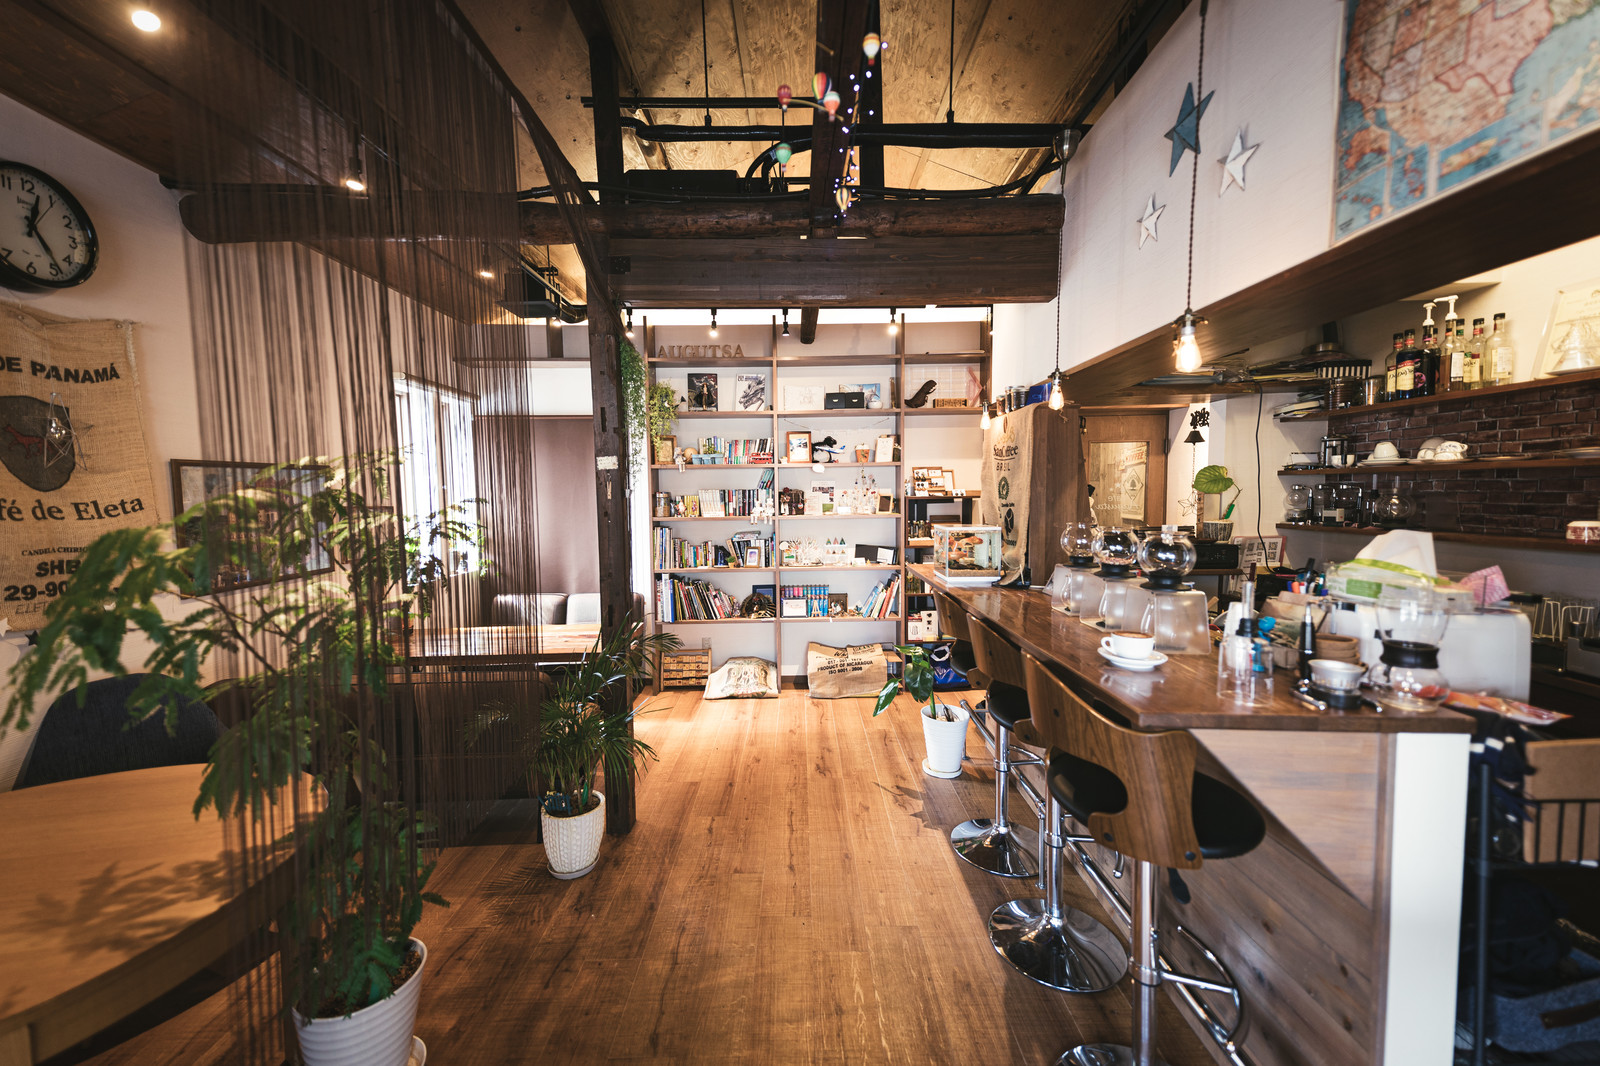 「雰囲気のよいカフェ店内」の写真